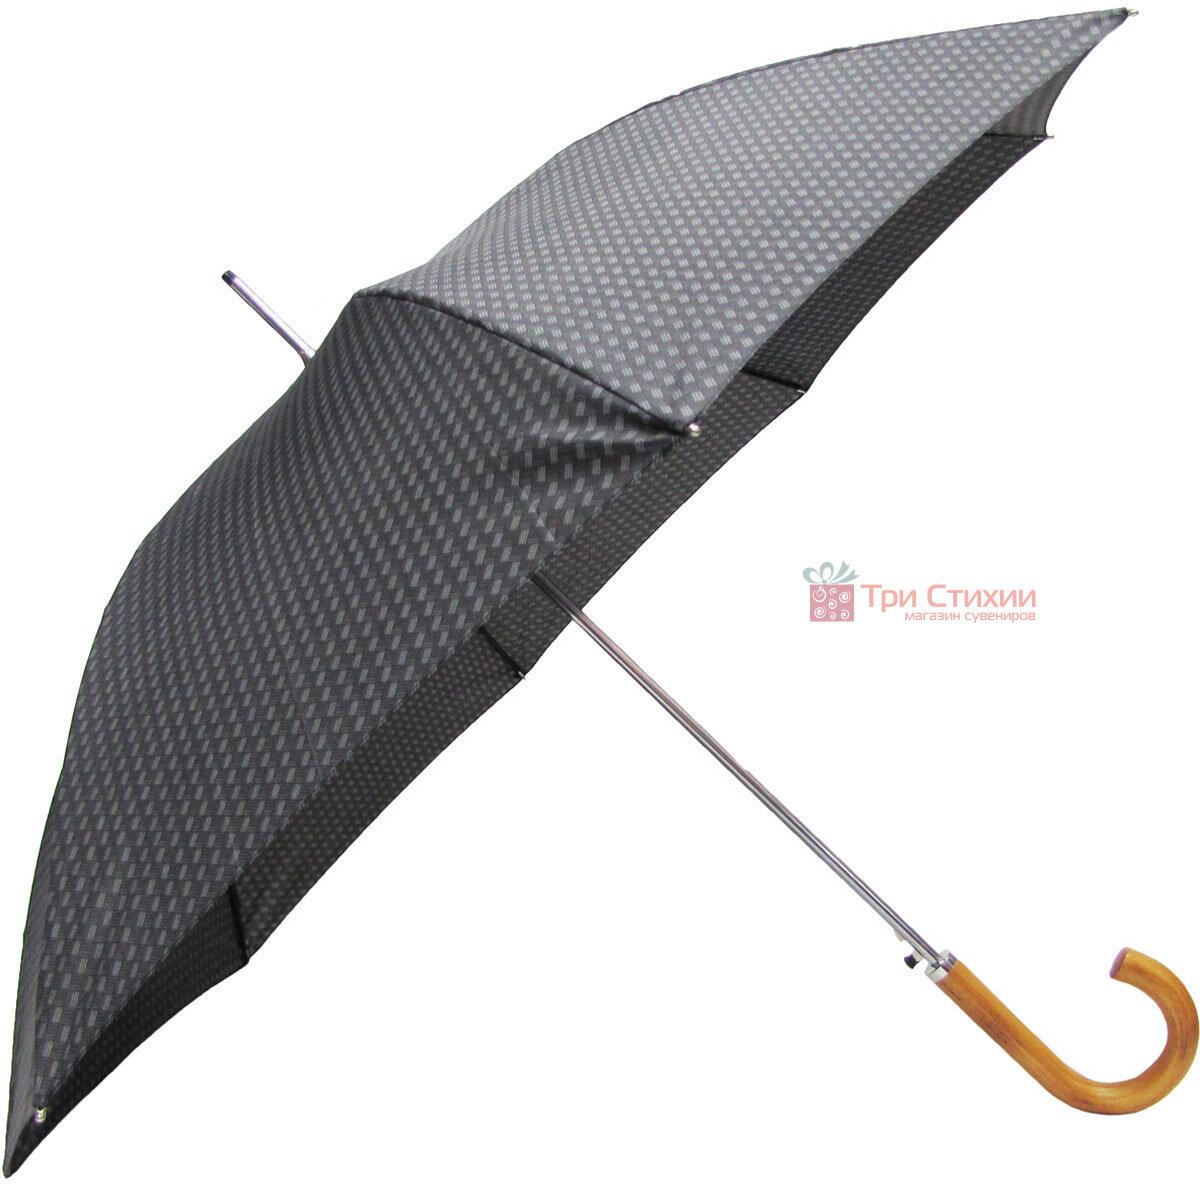 Зонт-трость Doppler 740167-5 полуавтомат Паркет, фото 3